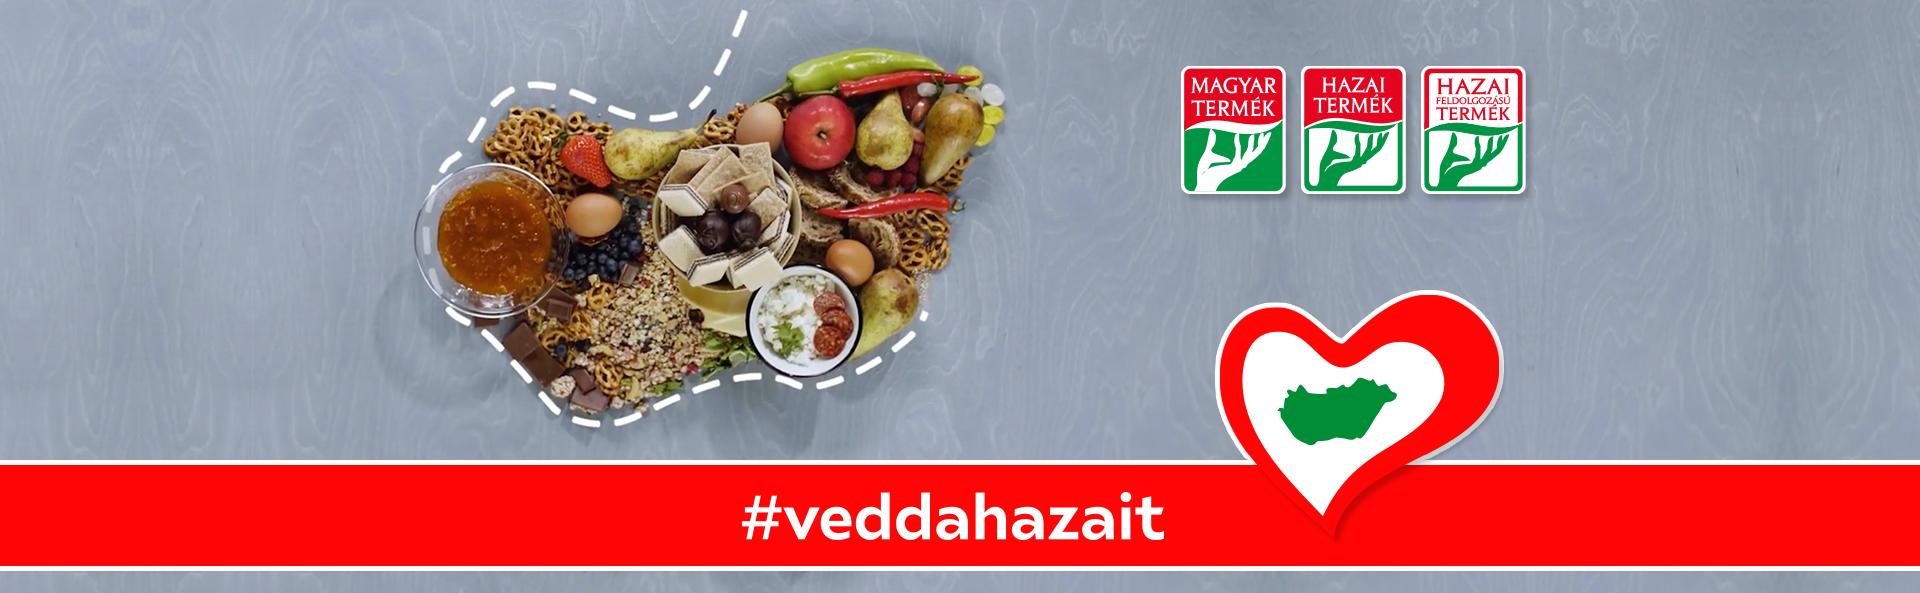 #veddahazait